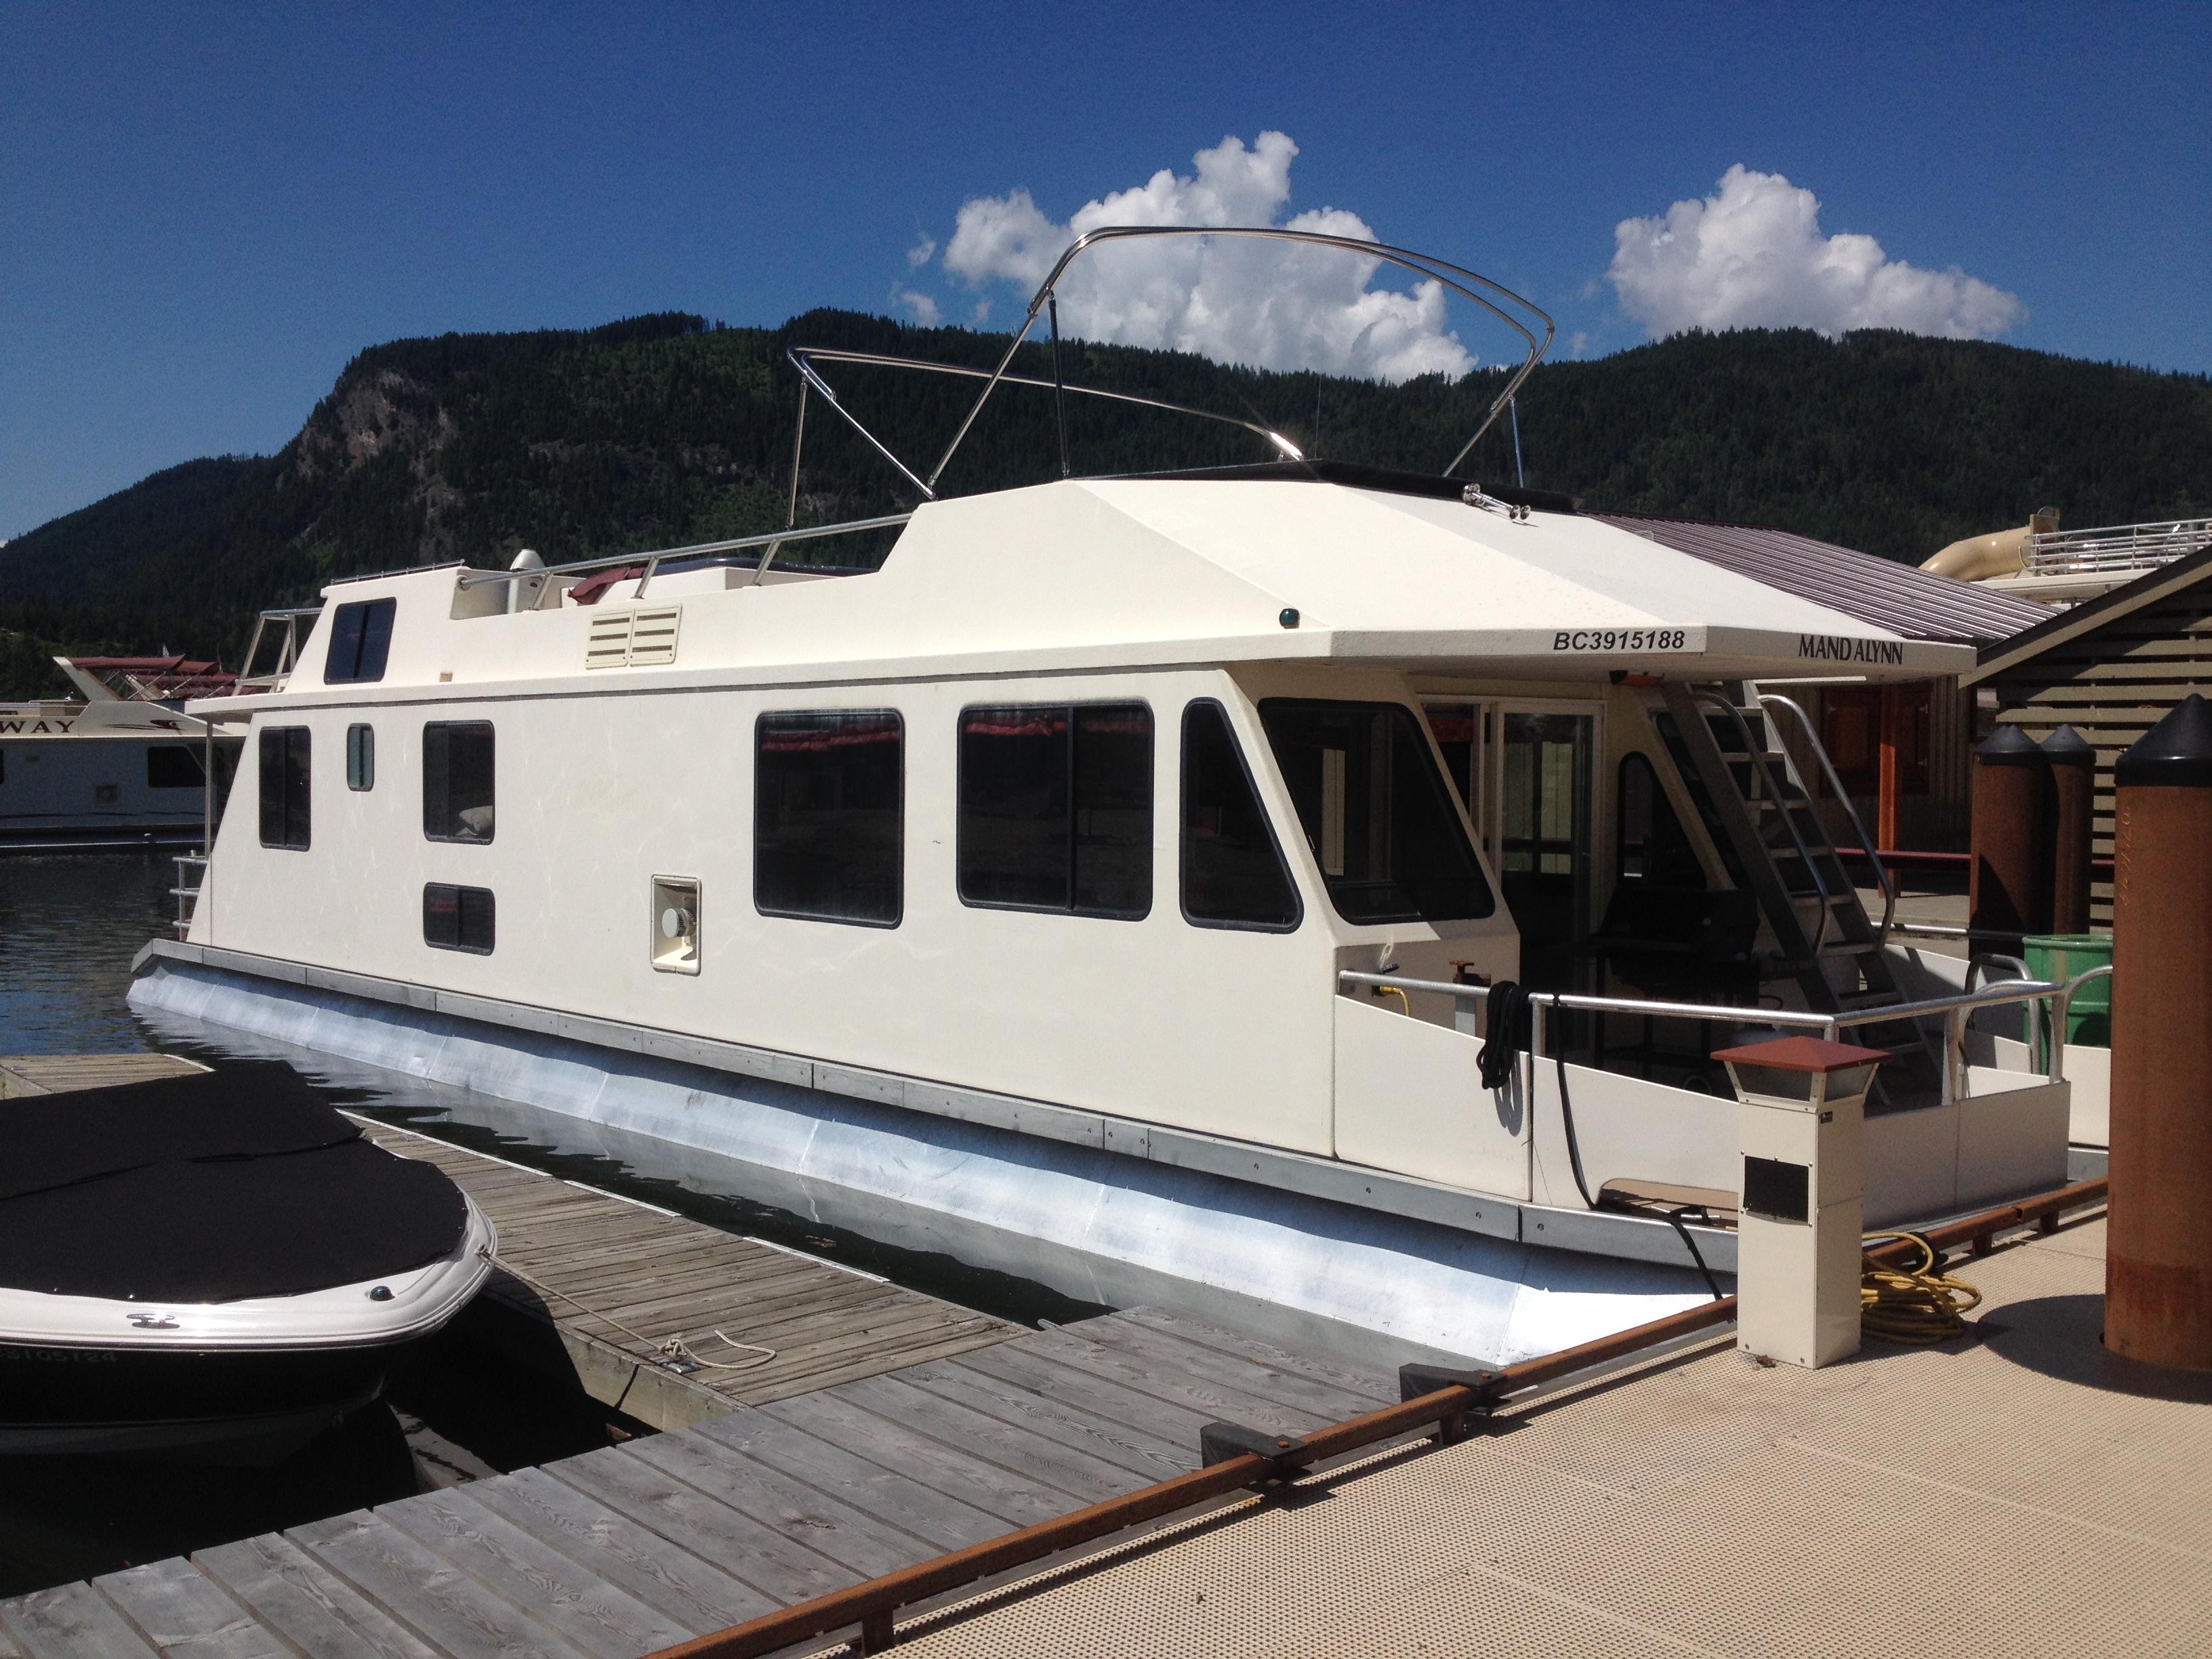 Houseboat on dock